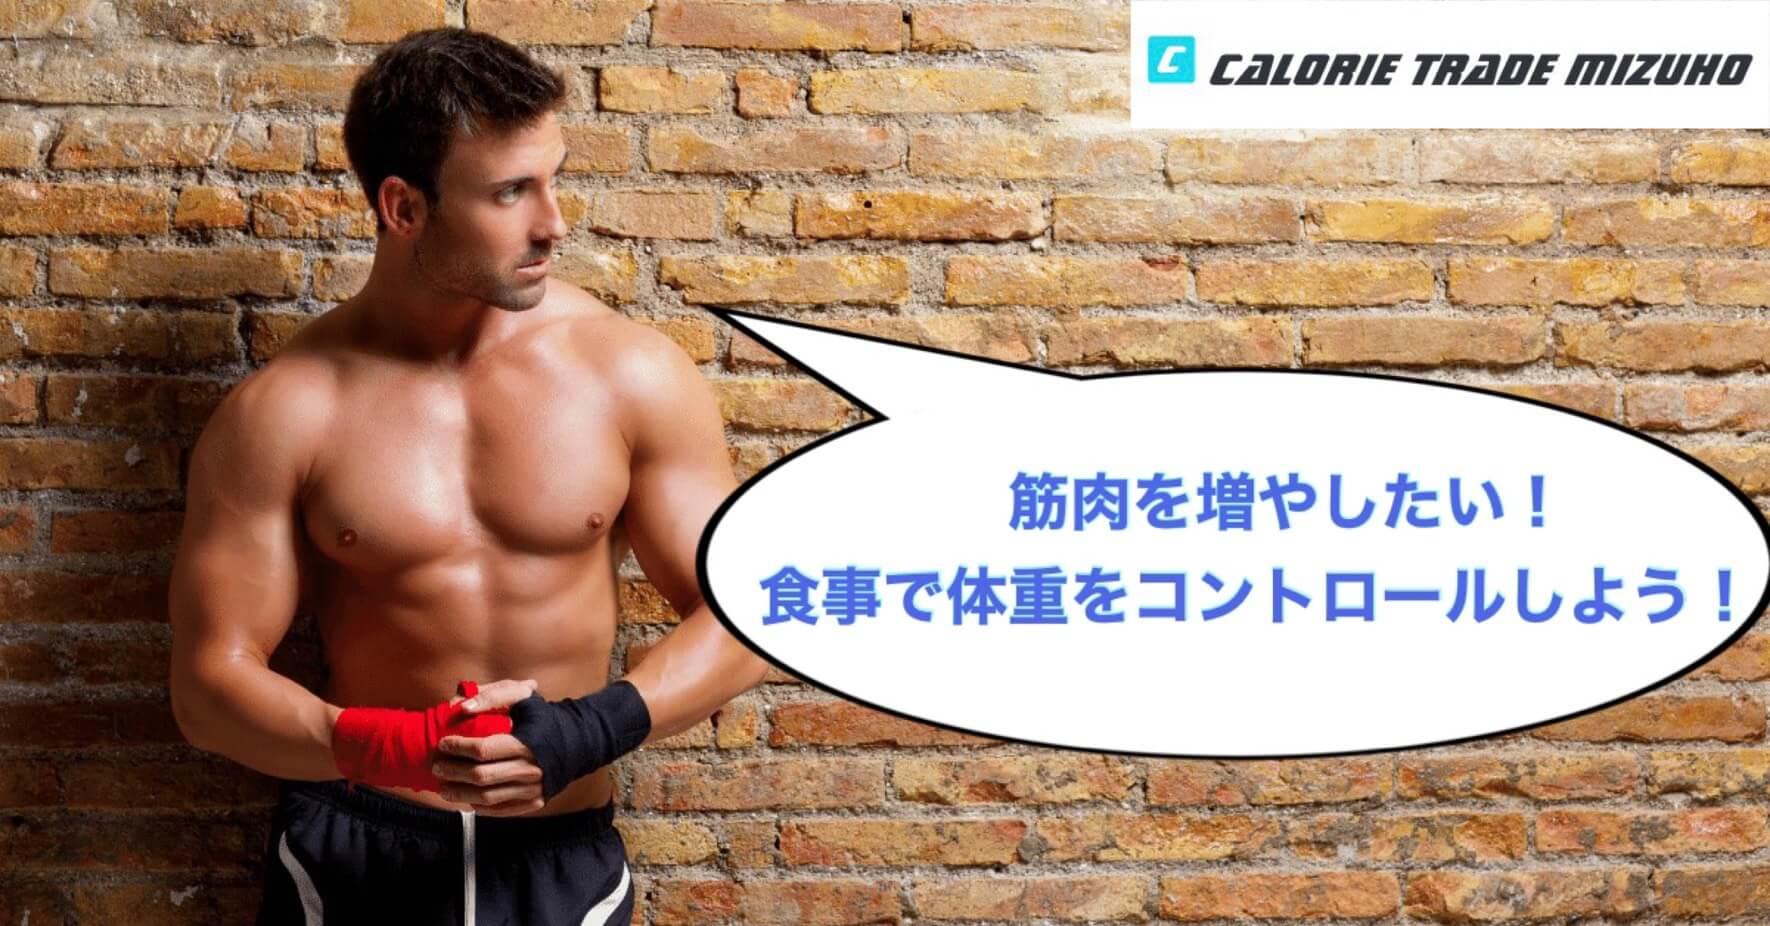 筋肉を増やしたい!食事で体重をコントロールしよう!